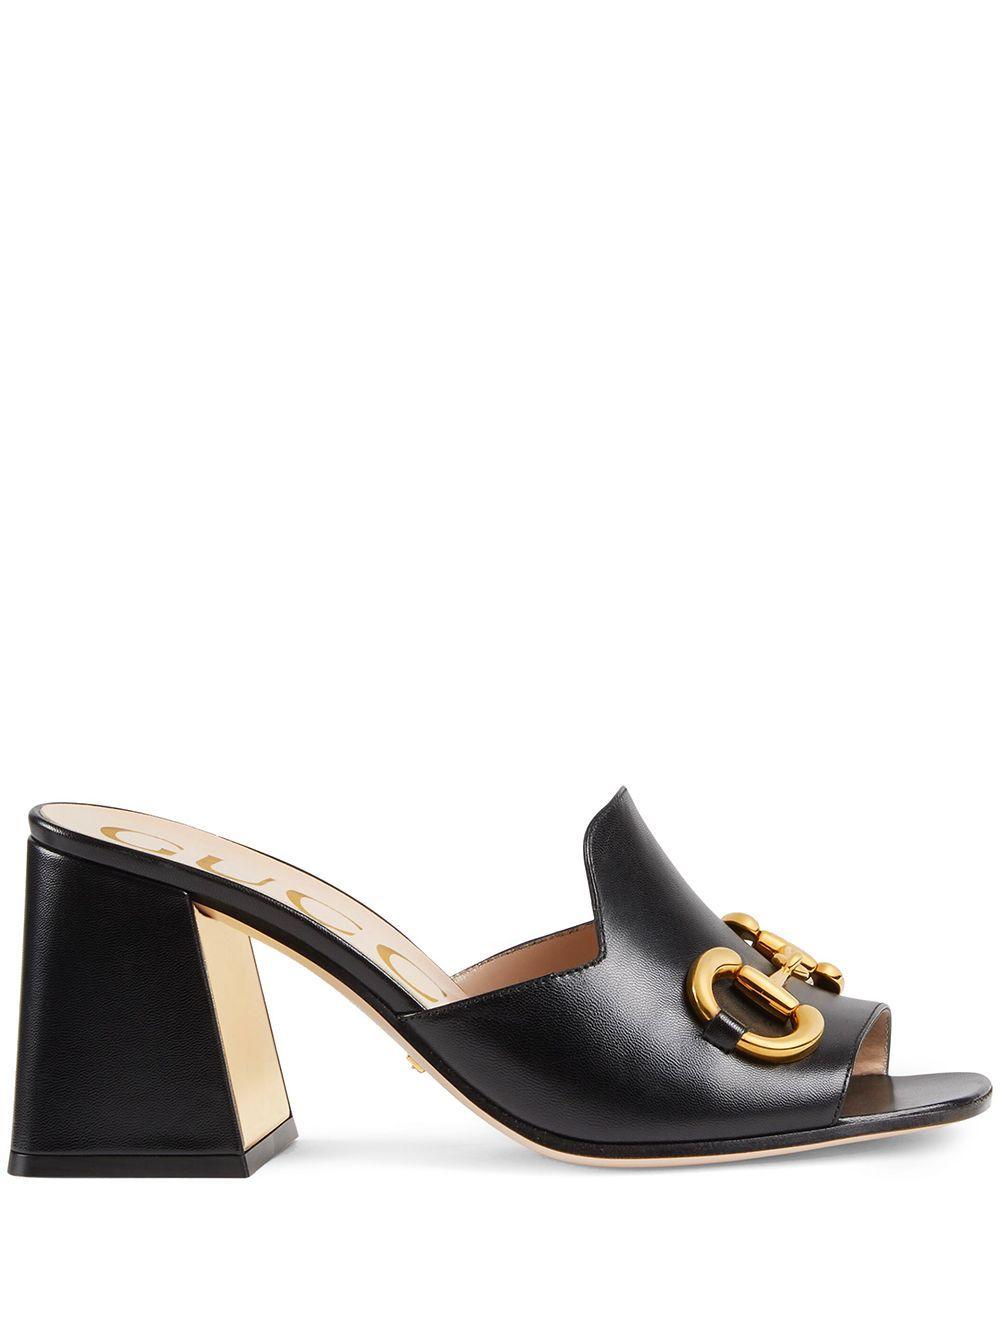 Sandalo horsebit in pelle